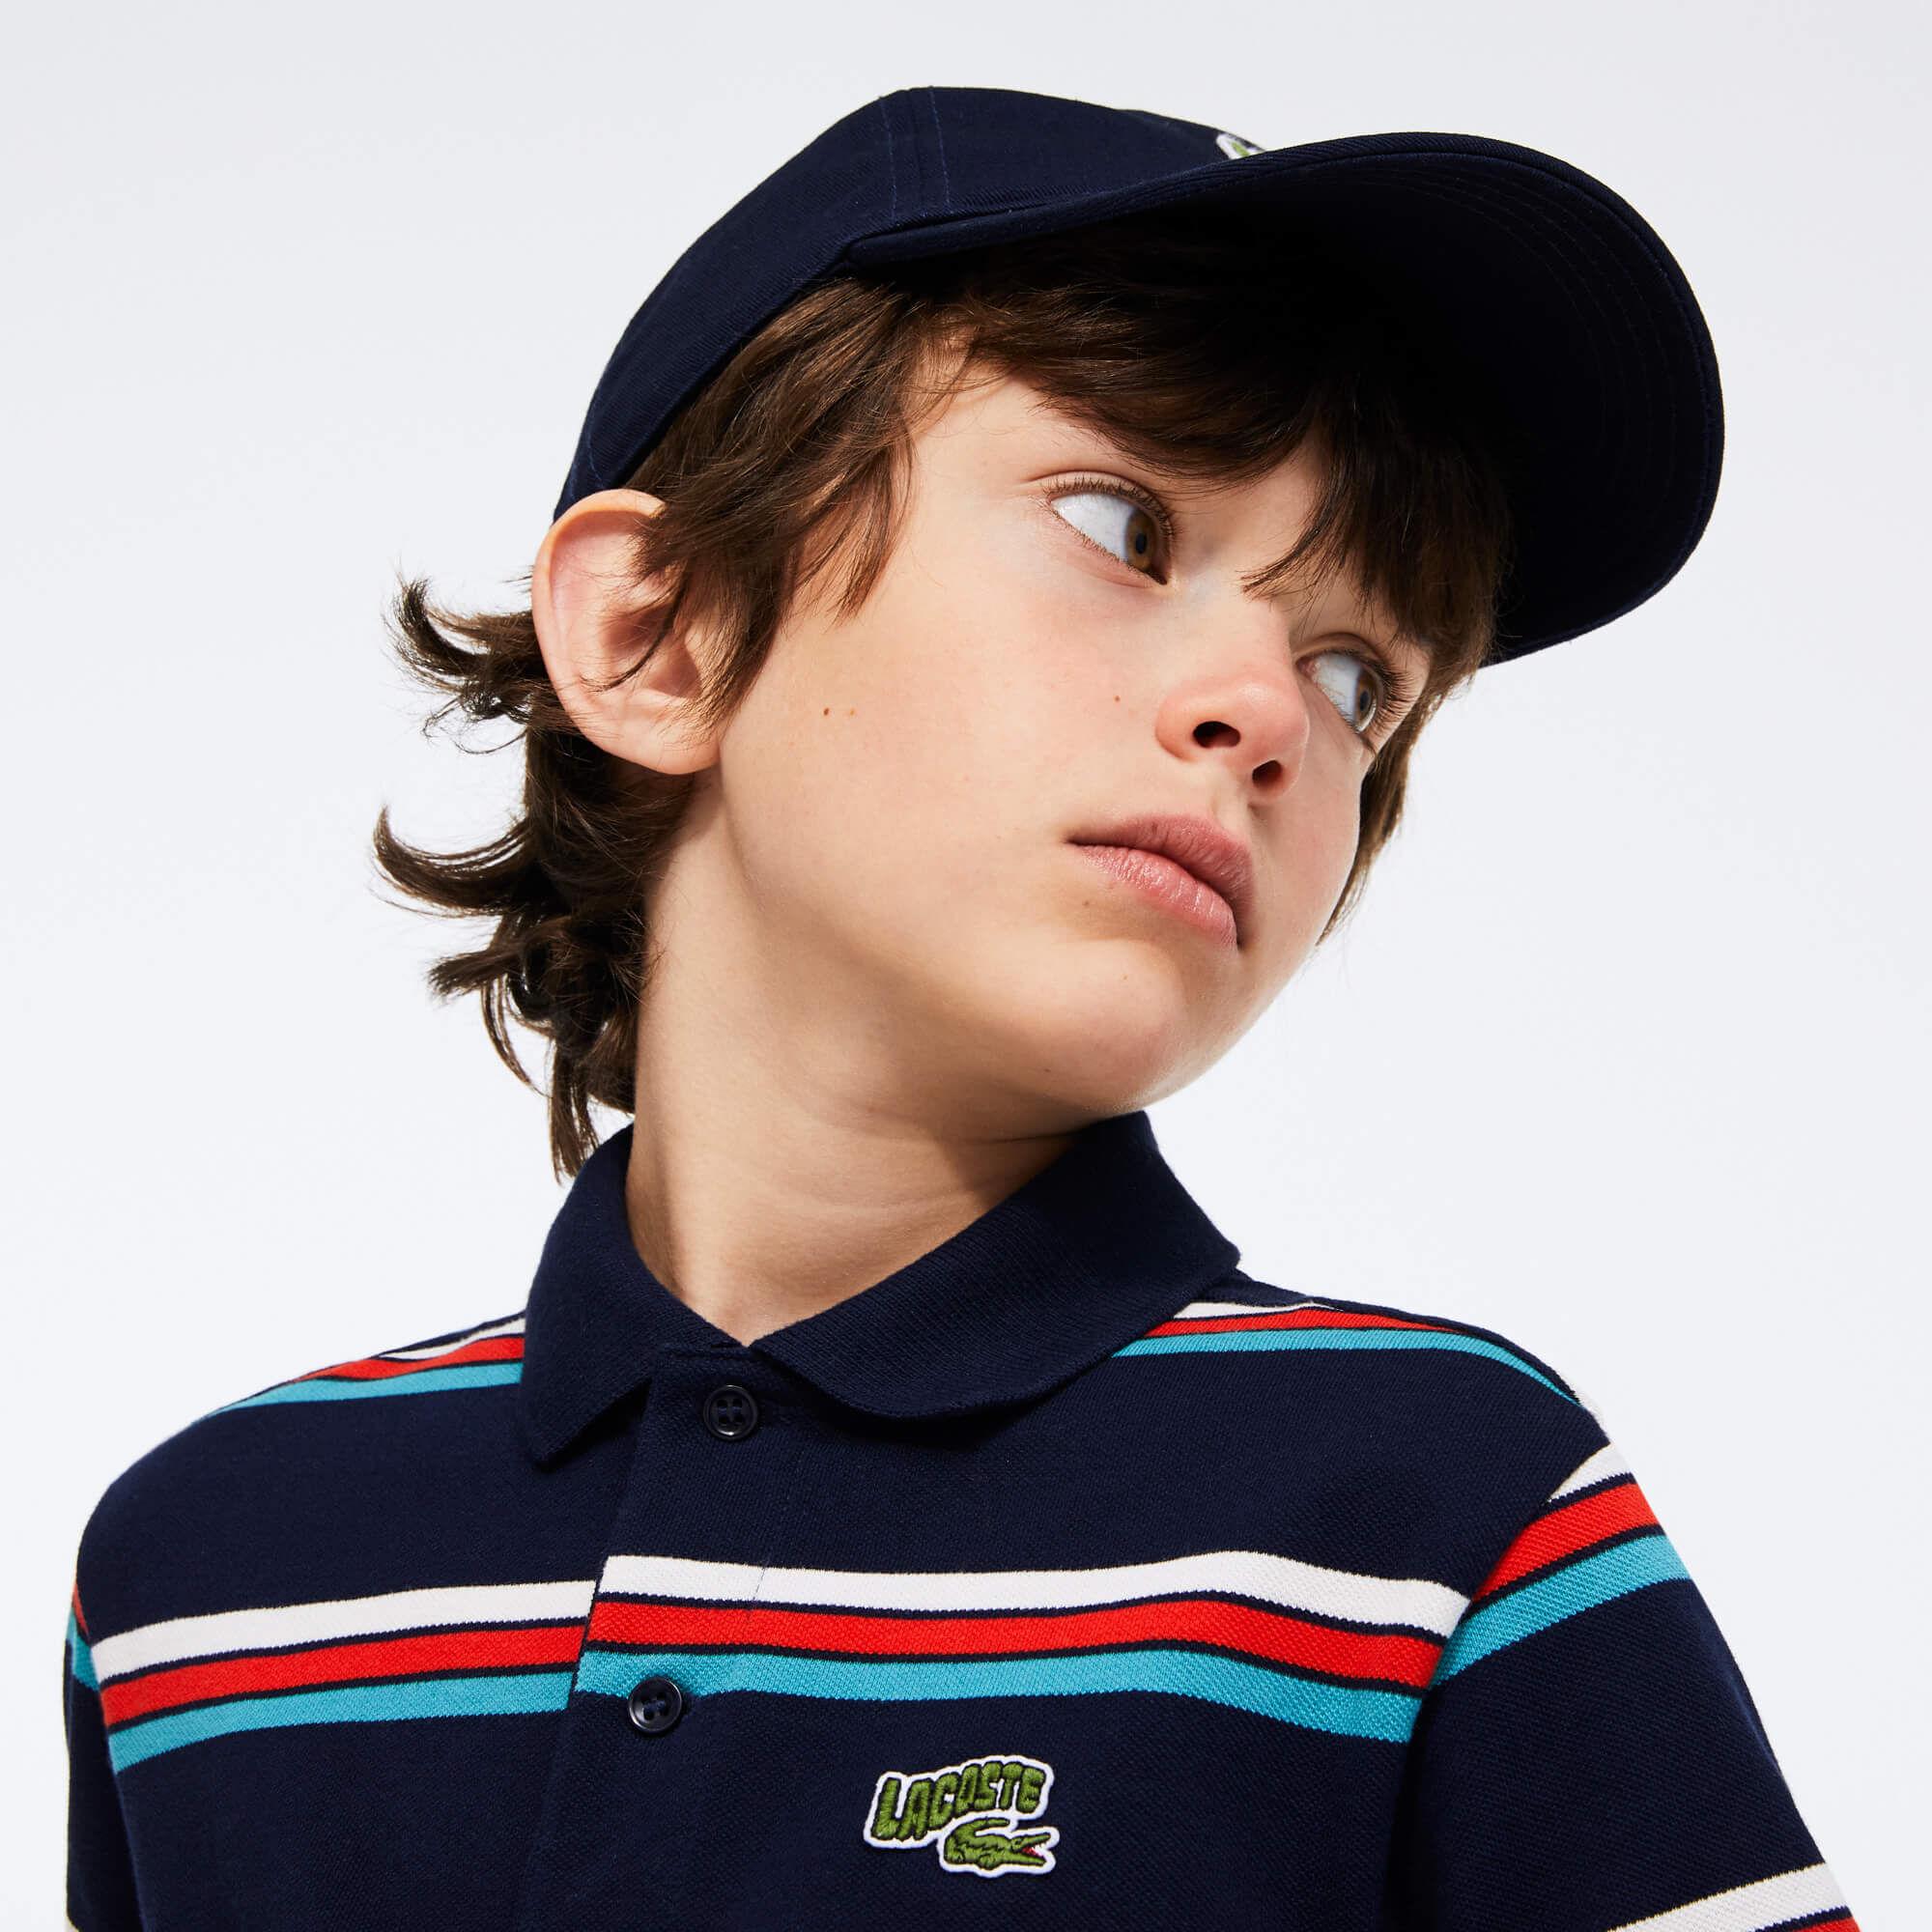 قميص بولو للصبيان مقلم من قطن بيكيه بعلامة Lacoste